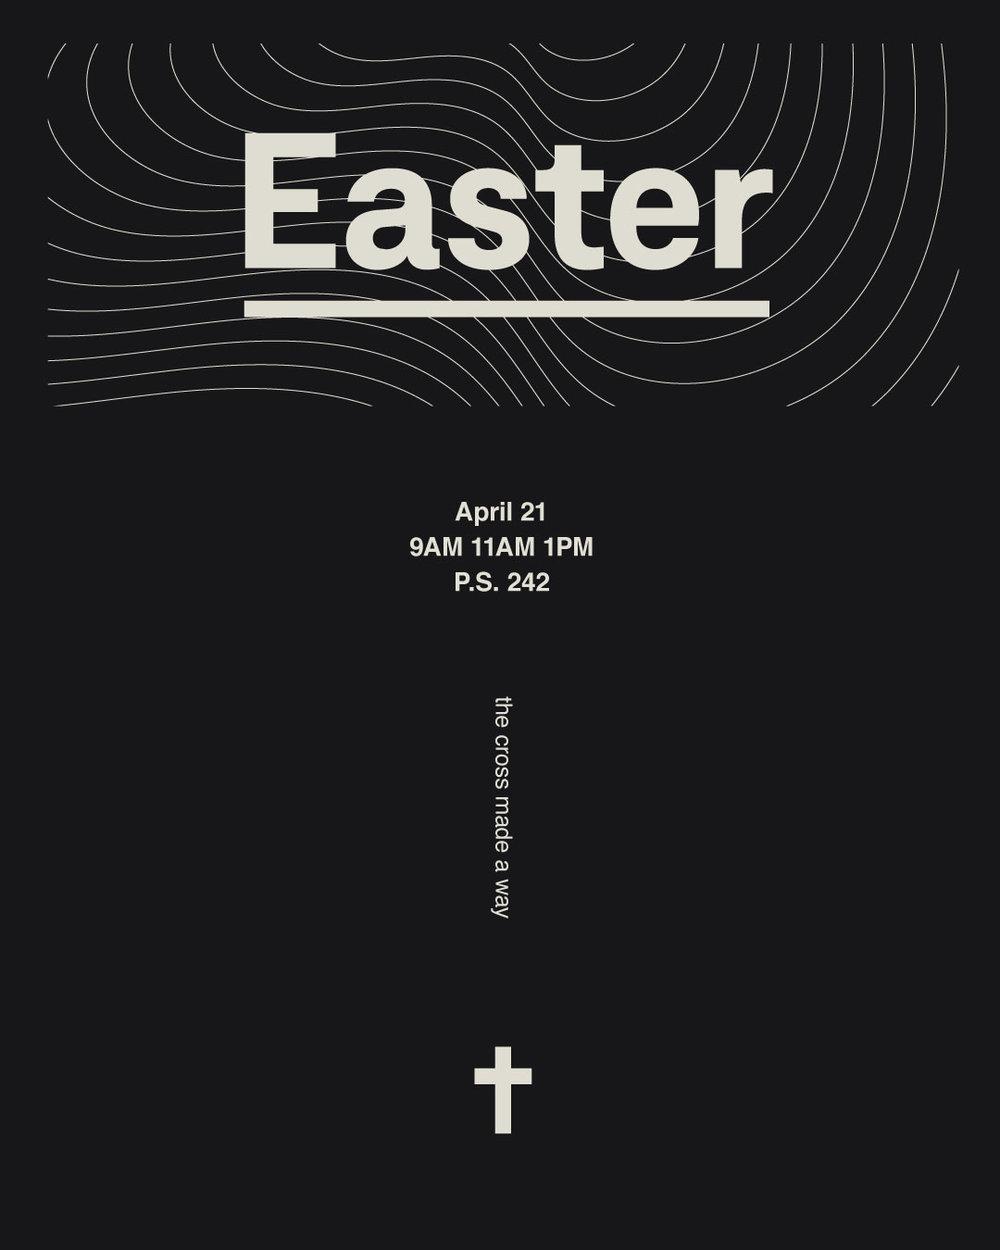 Easter_Social_Feed_05.jpg